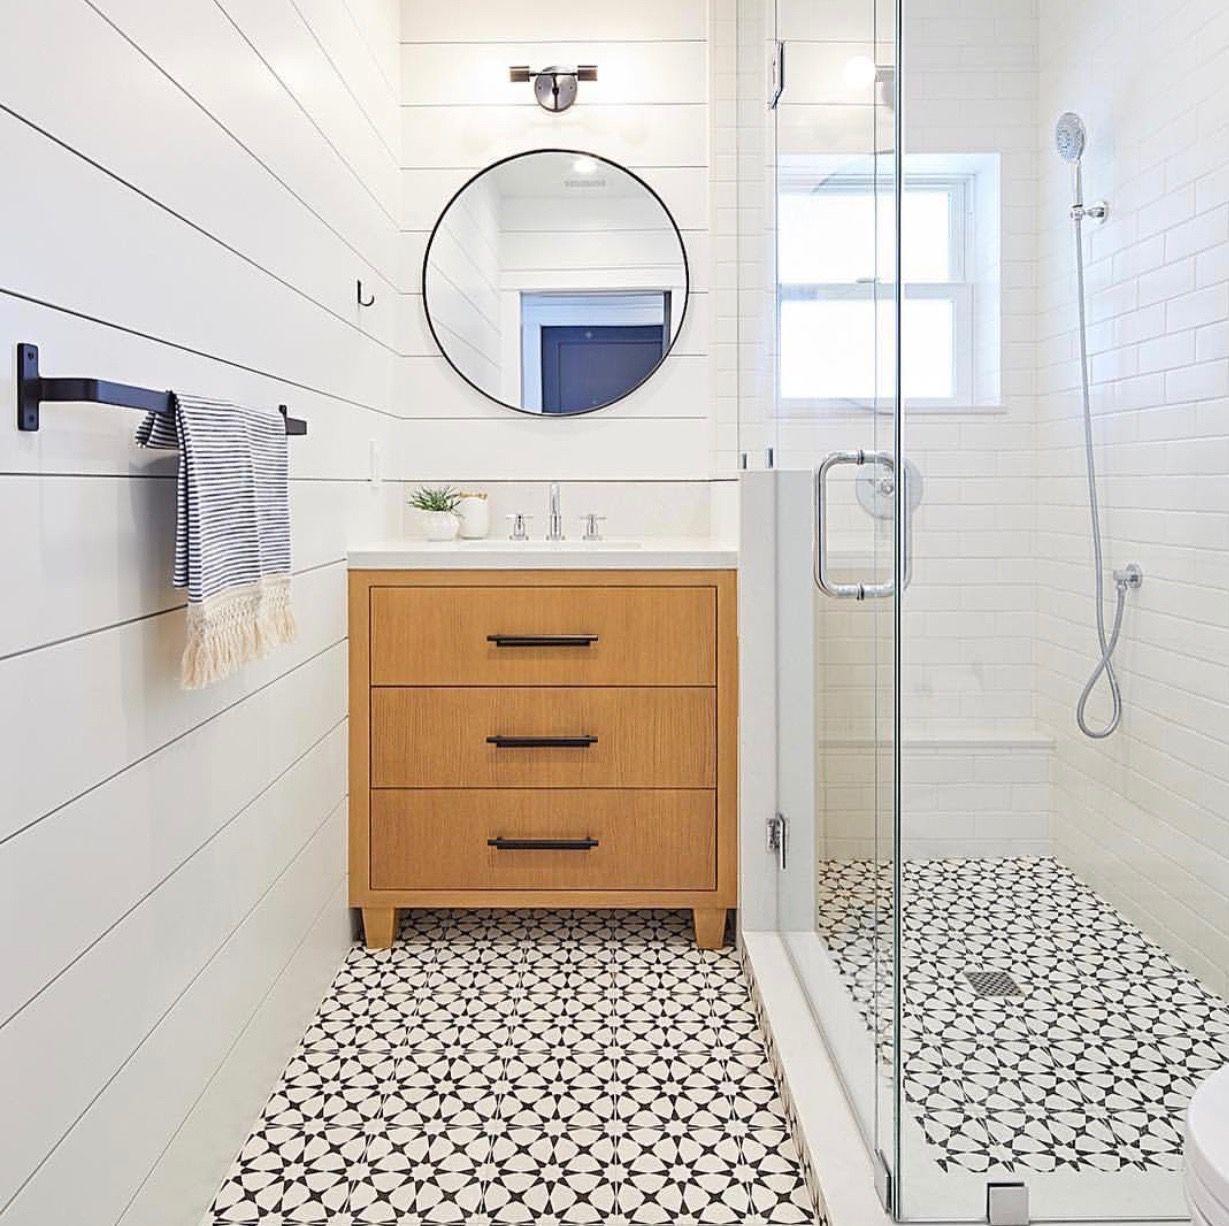 Pin von Sarah Walters auf bathrooms | Pinterest